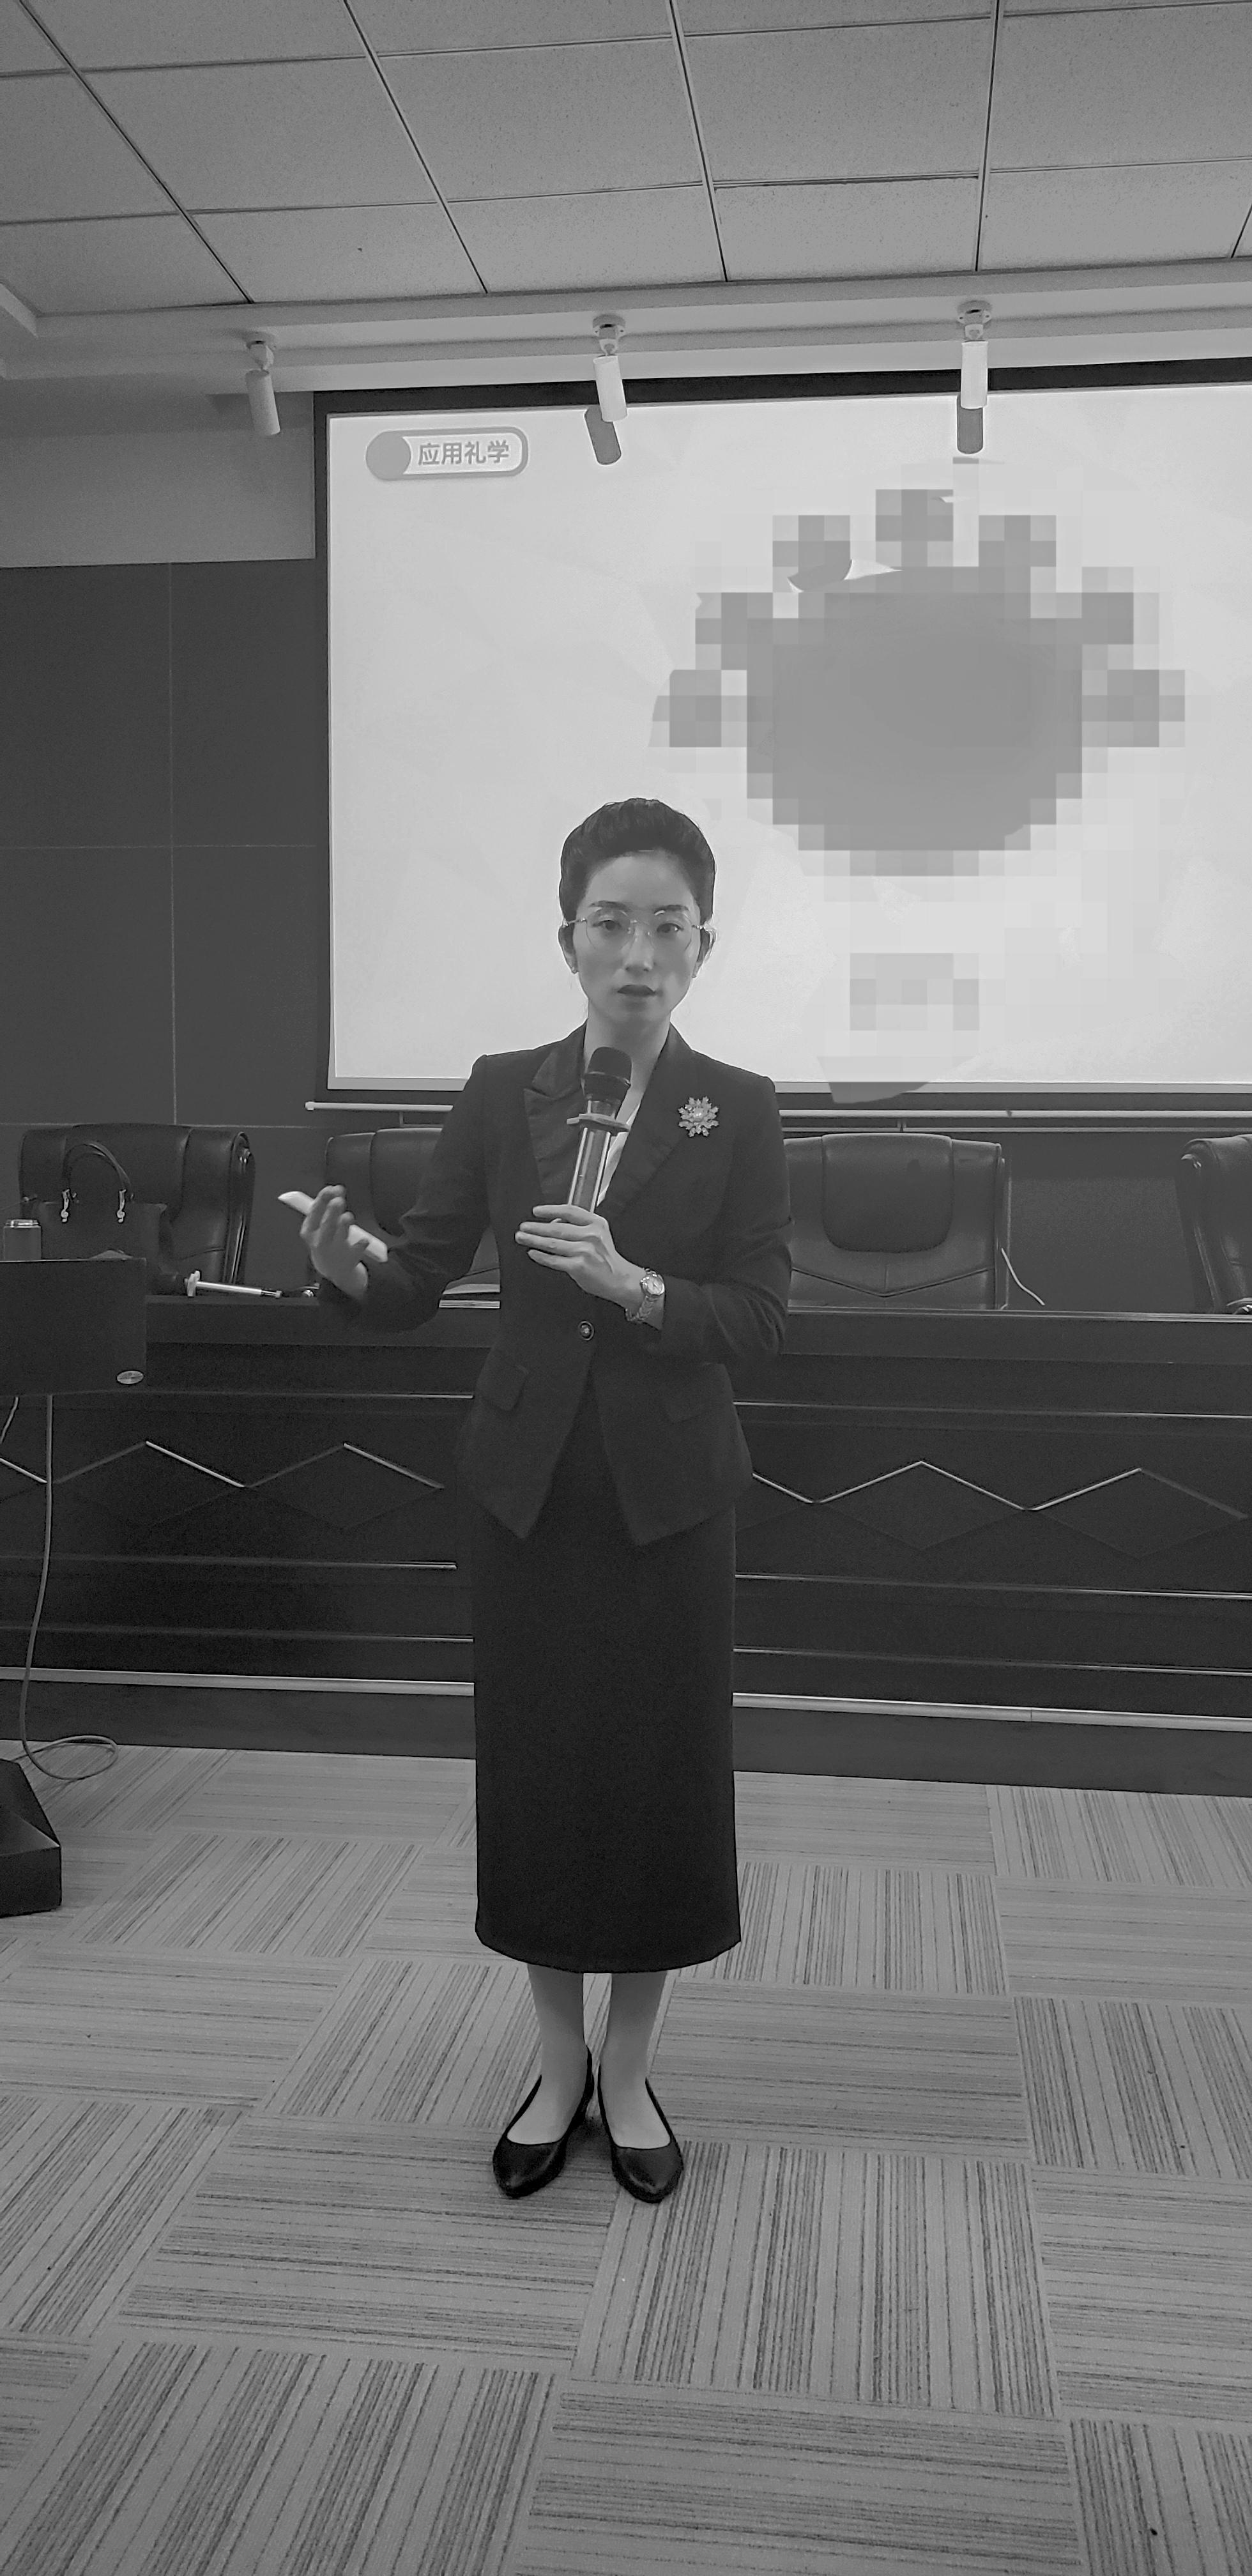 2021年9月28日徐灿老师给国家电网某分公司的骨干精英分享《应用礼学赋能公务效能提升》课程。